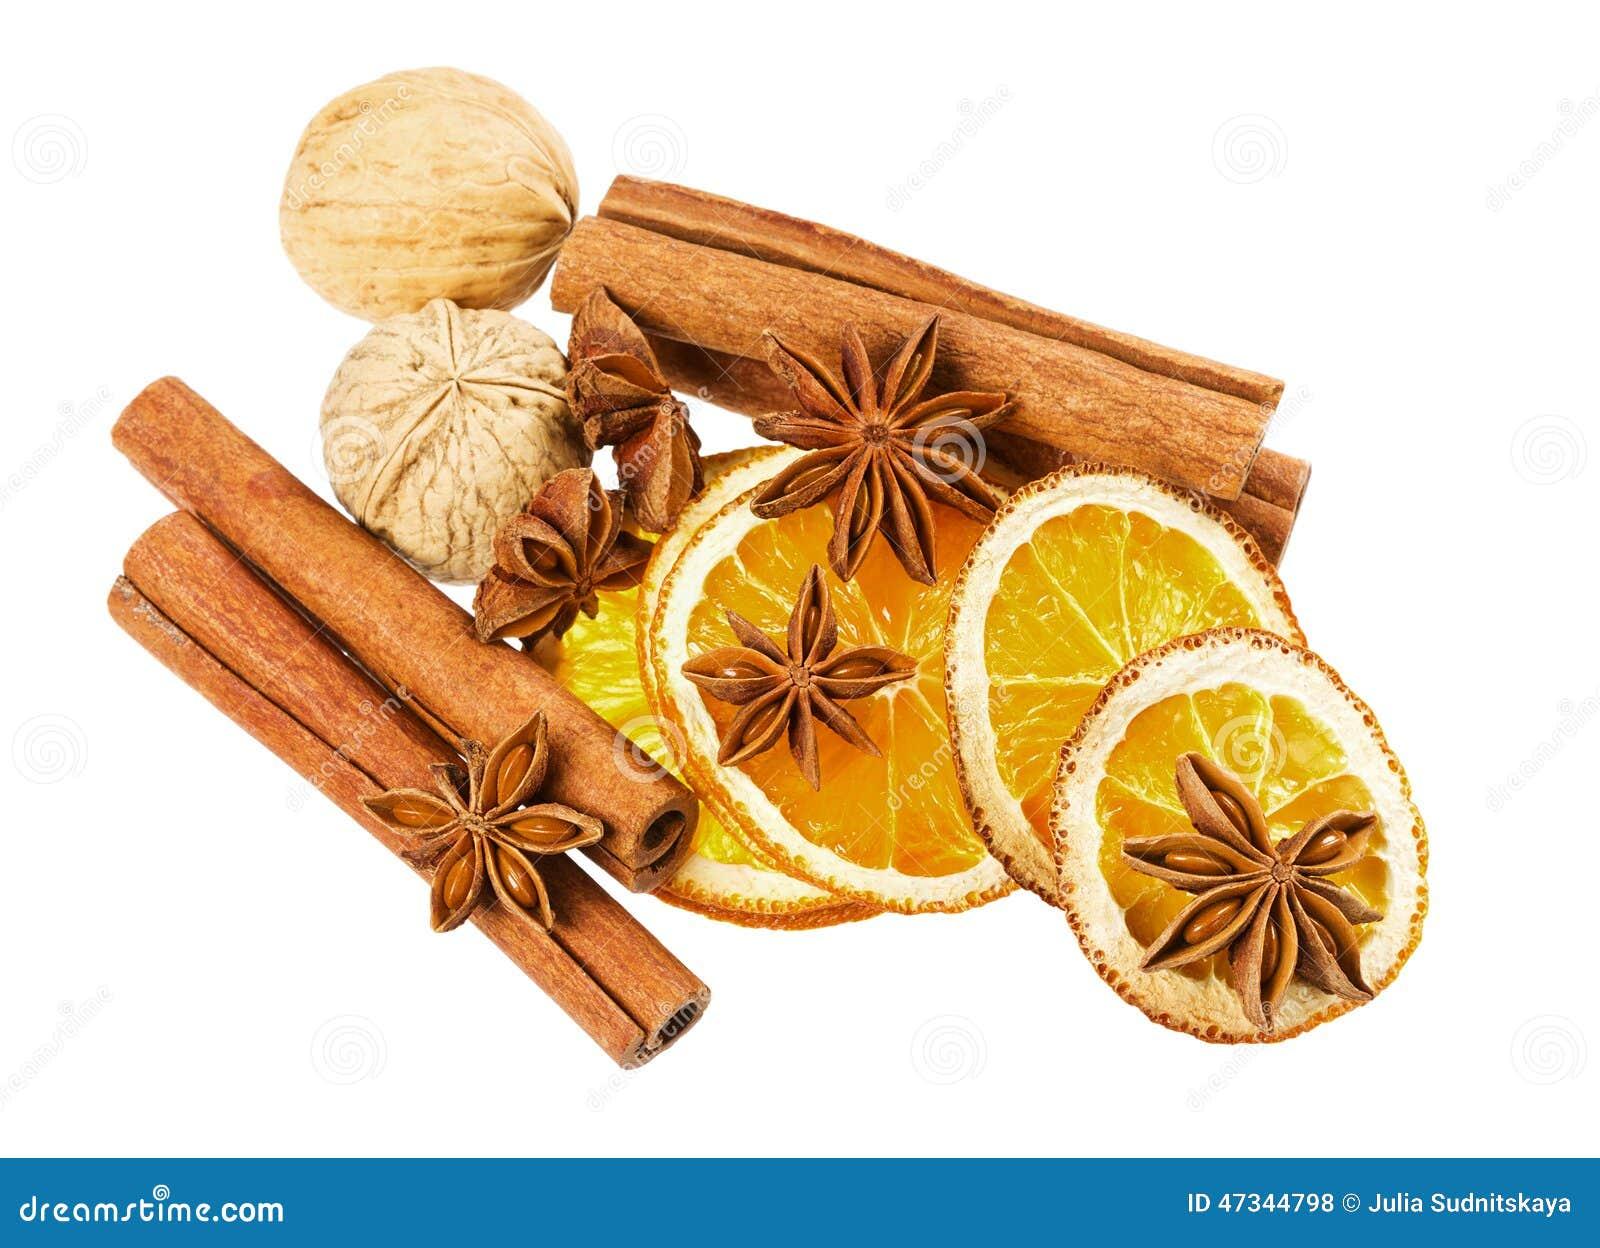 Étoile d anis, bâtons de cannelle, noix et orange sèche d isolement sur le fond blanc